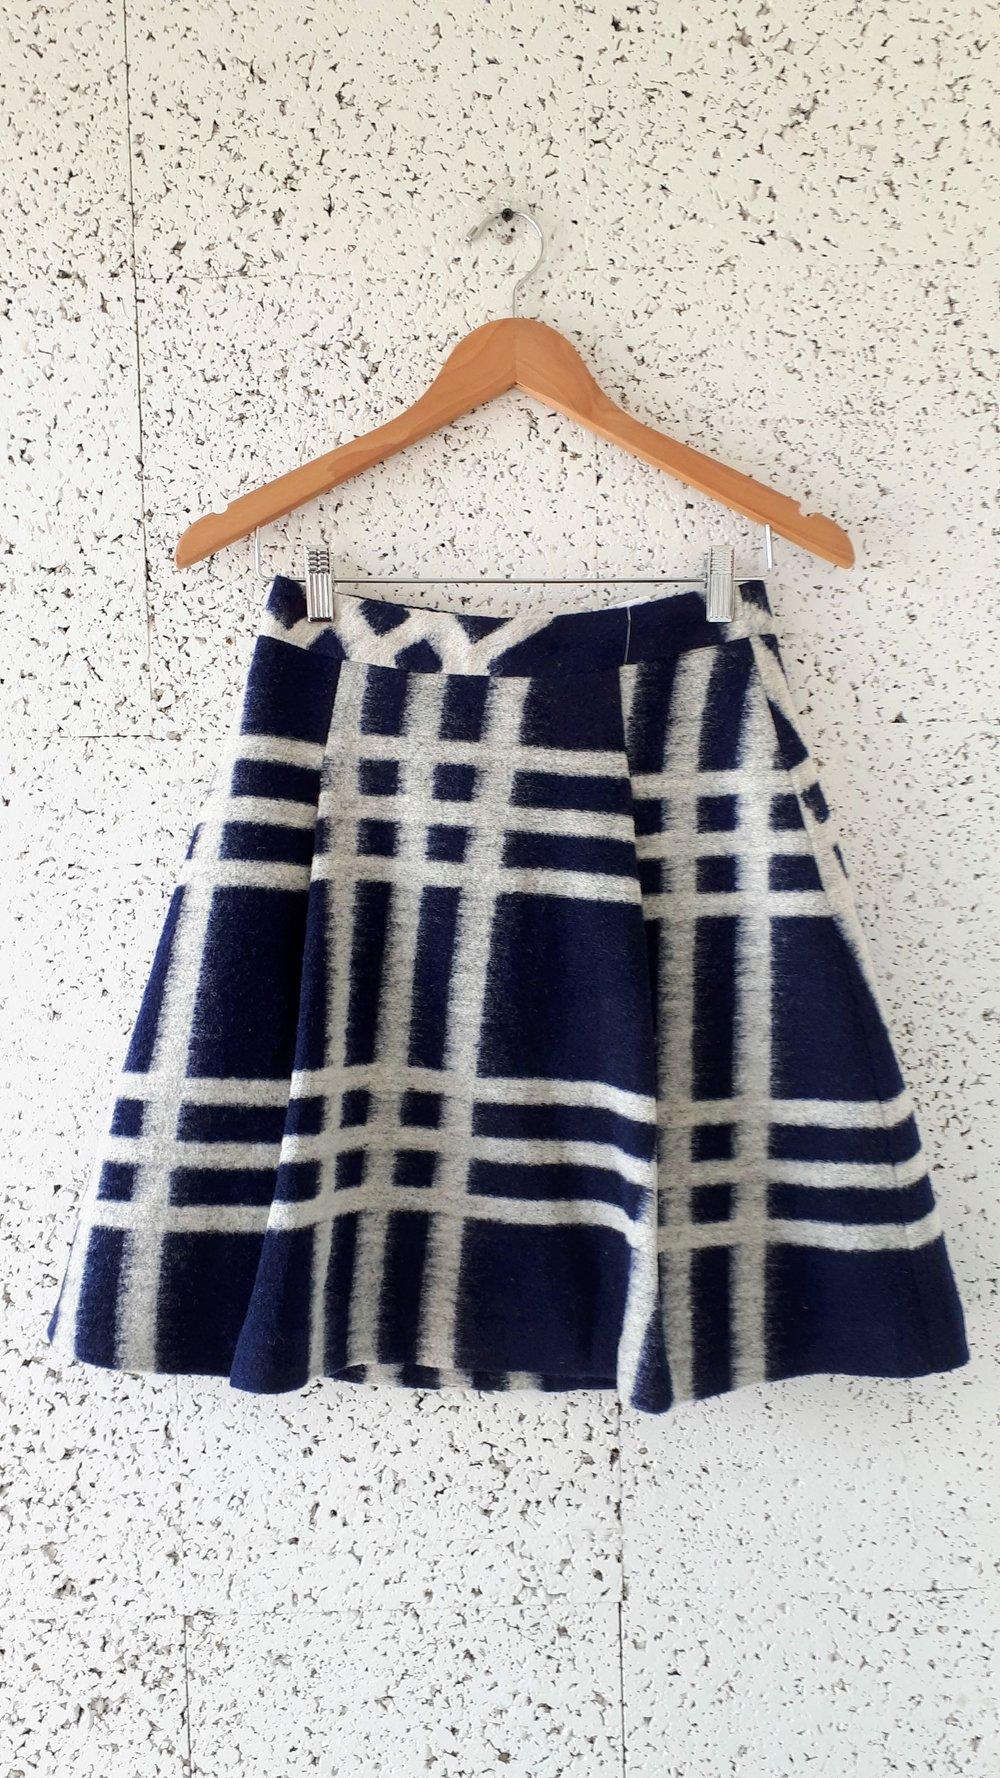 Pink Tartan skirt; Size 0, $30